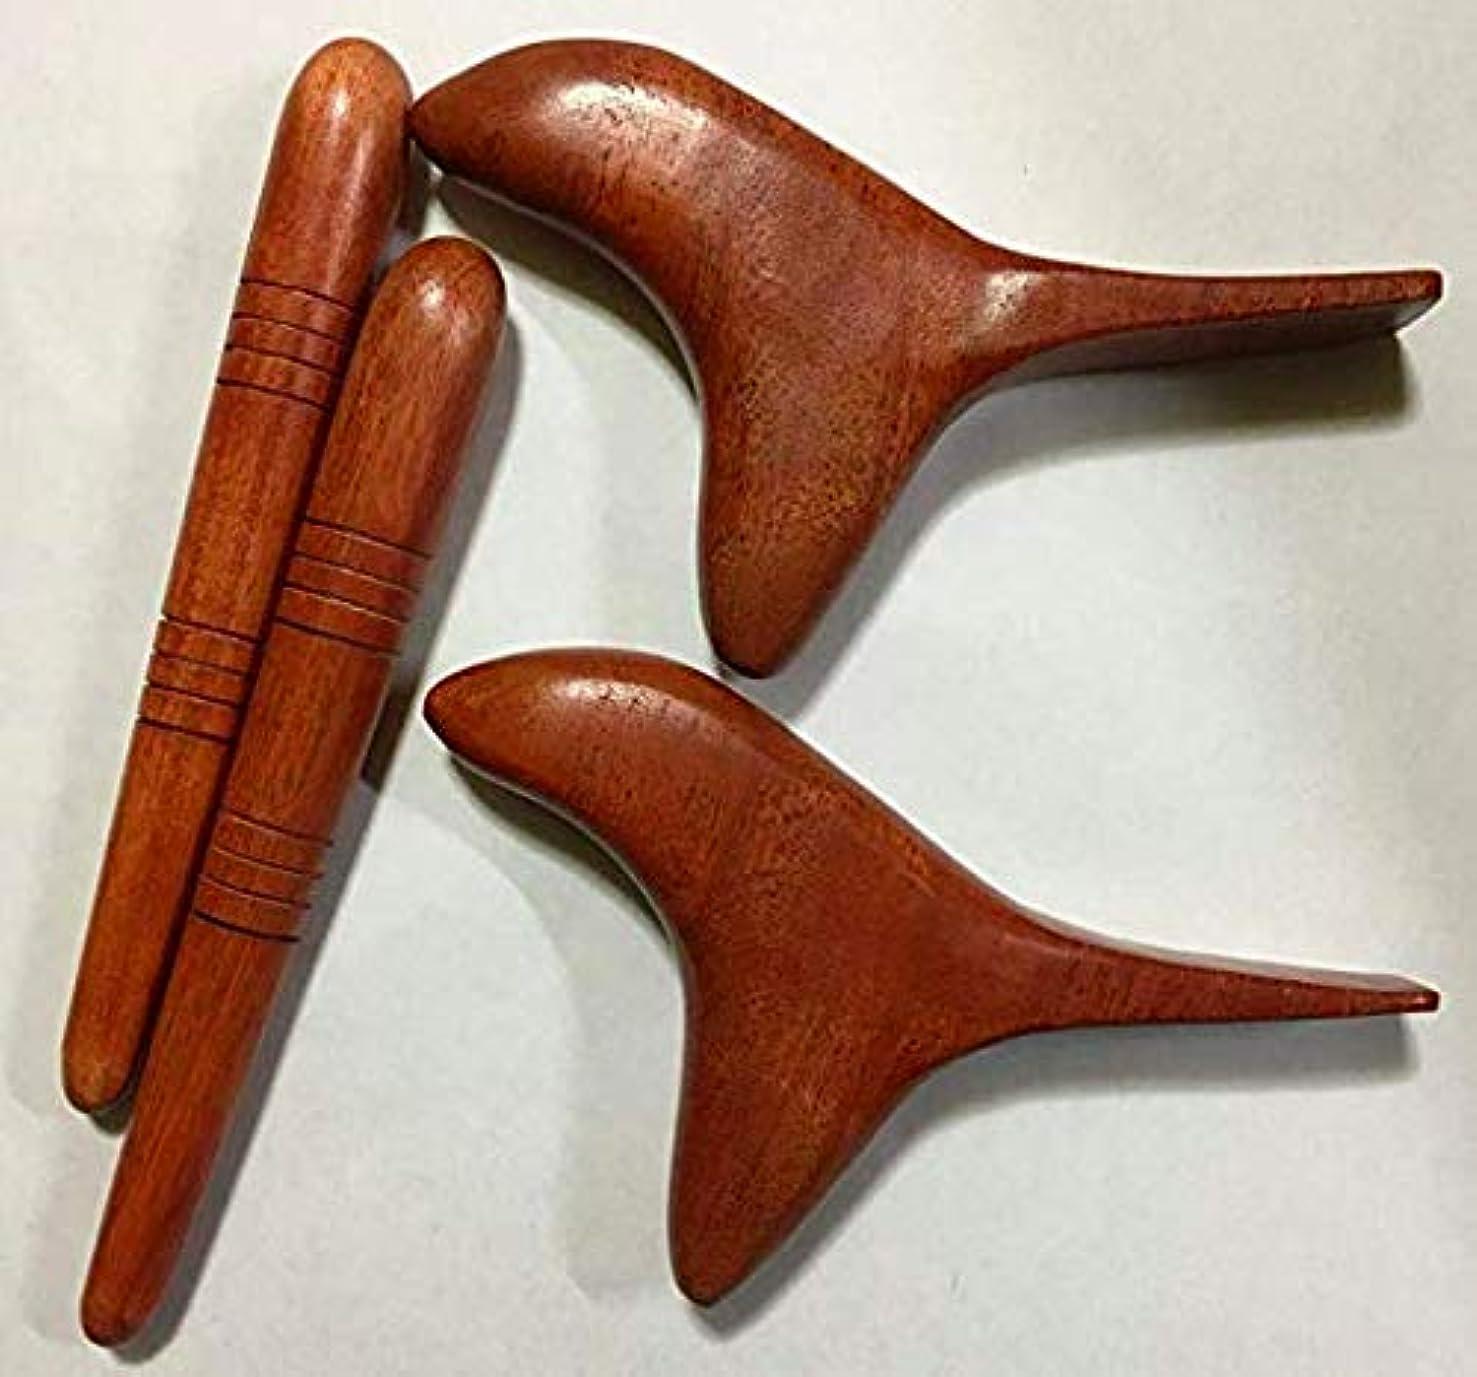 フレームワークコレクションふざけた【2種類×2セット】オカリナ型 (鳥型)ツボ押し棒 + 棒型 天然木 マッサージ棒 フットマッサージ リフレクソロジー セルフマッサージ